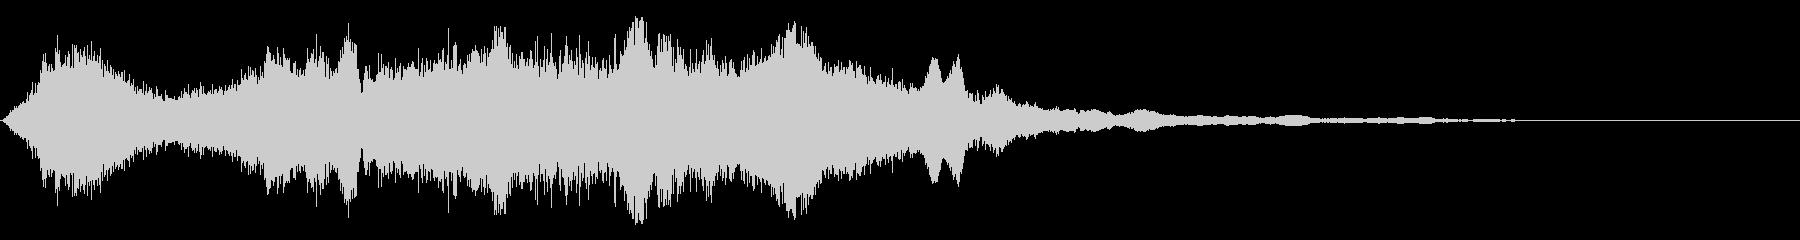 シュワーンシュゥワー・・・の未再生の波形